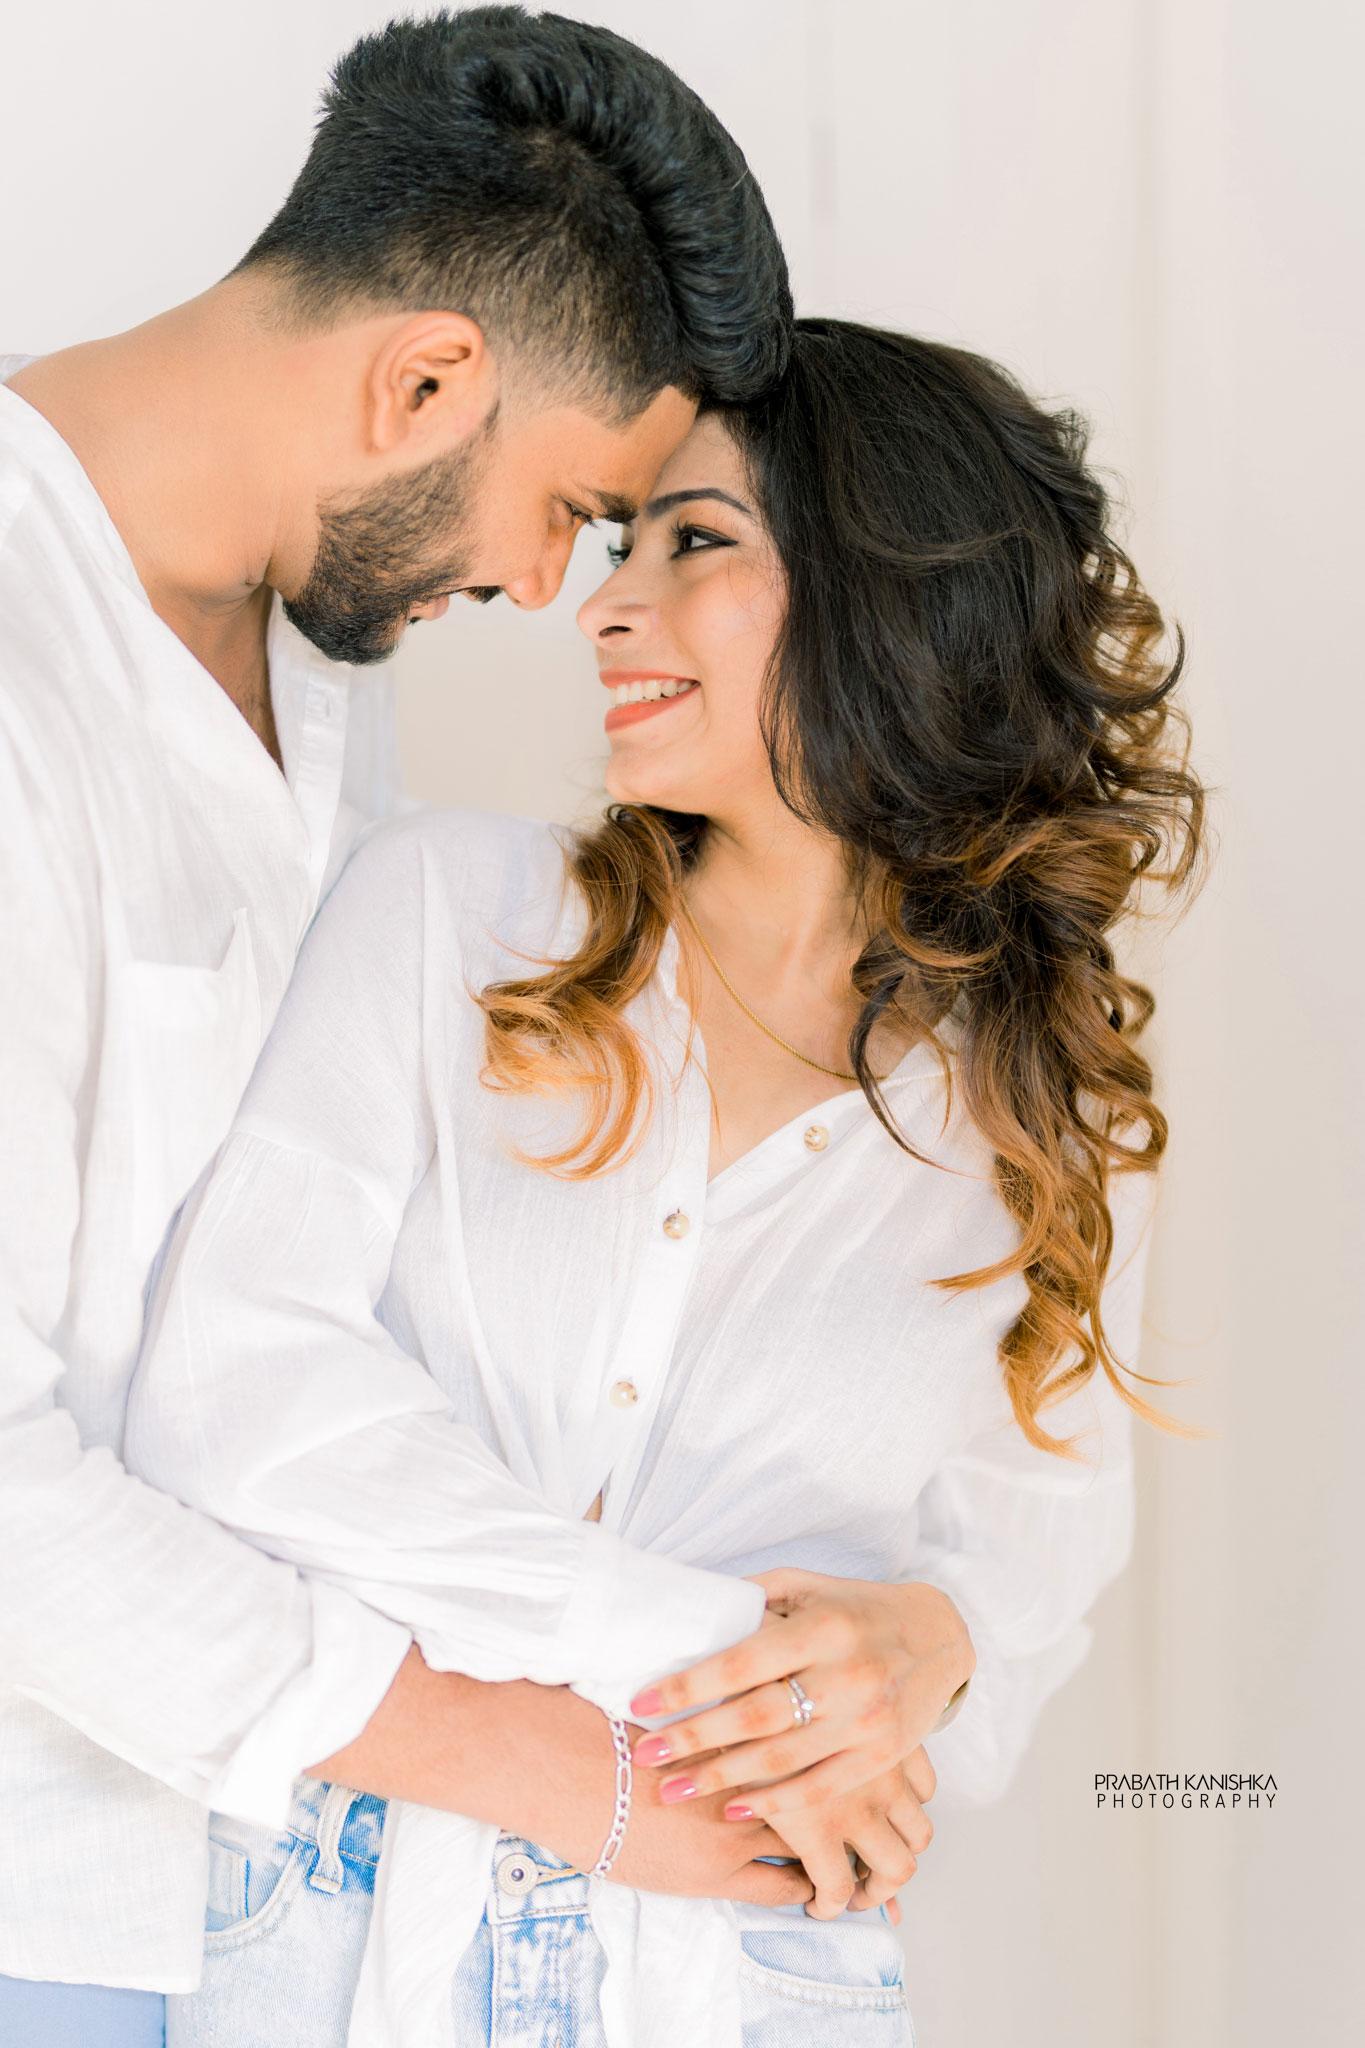 Imasha & Nimesh - Prabath Kanishka Wedding Photography